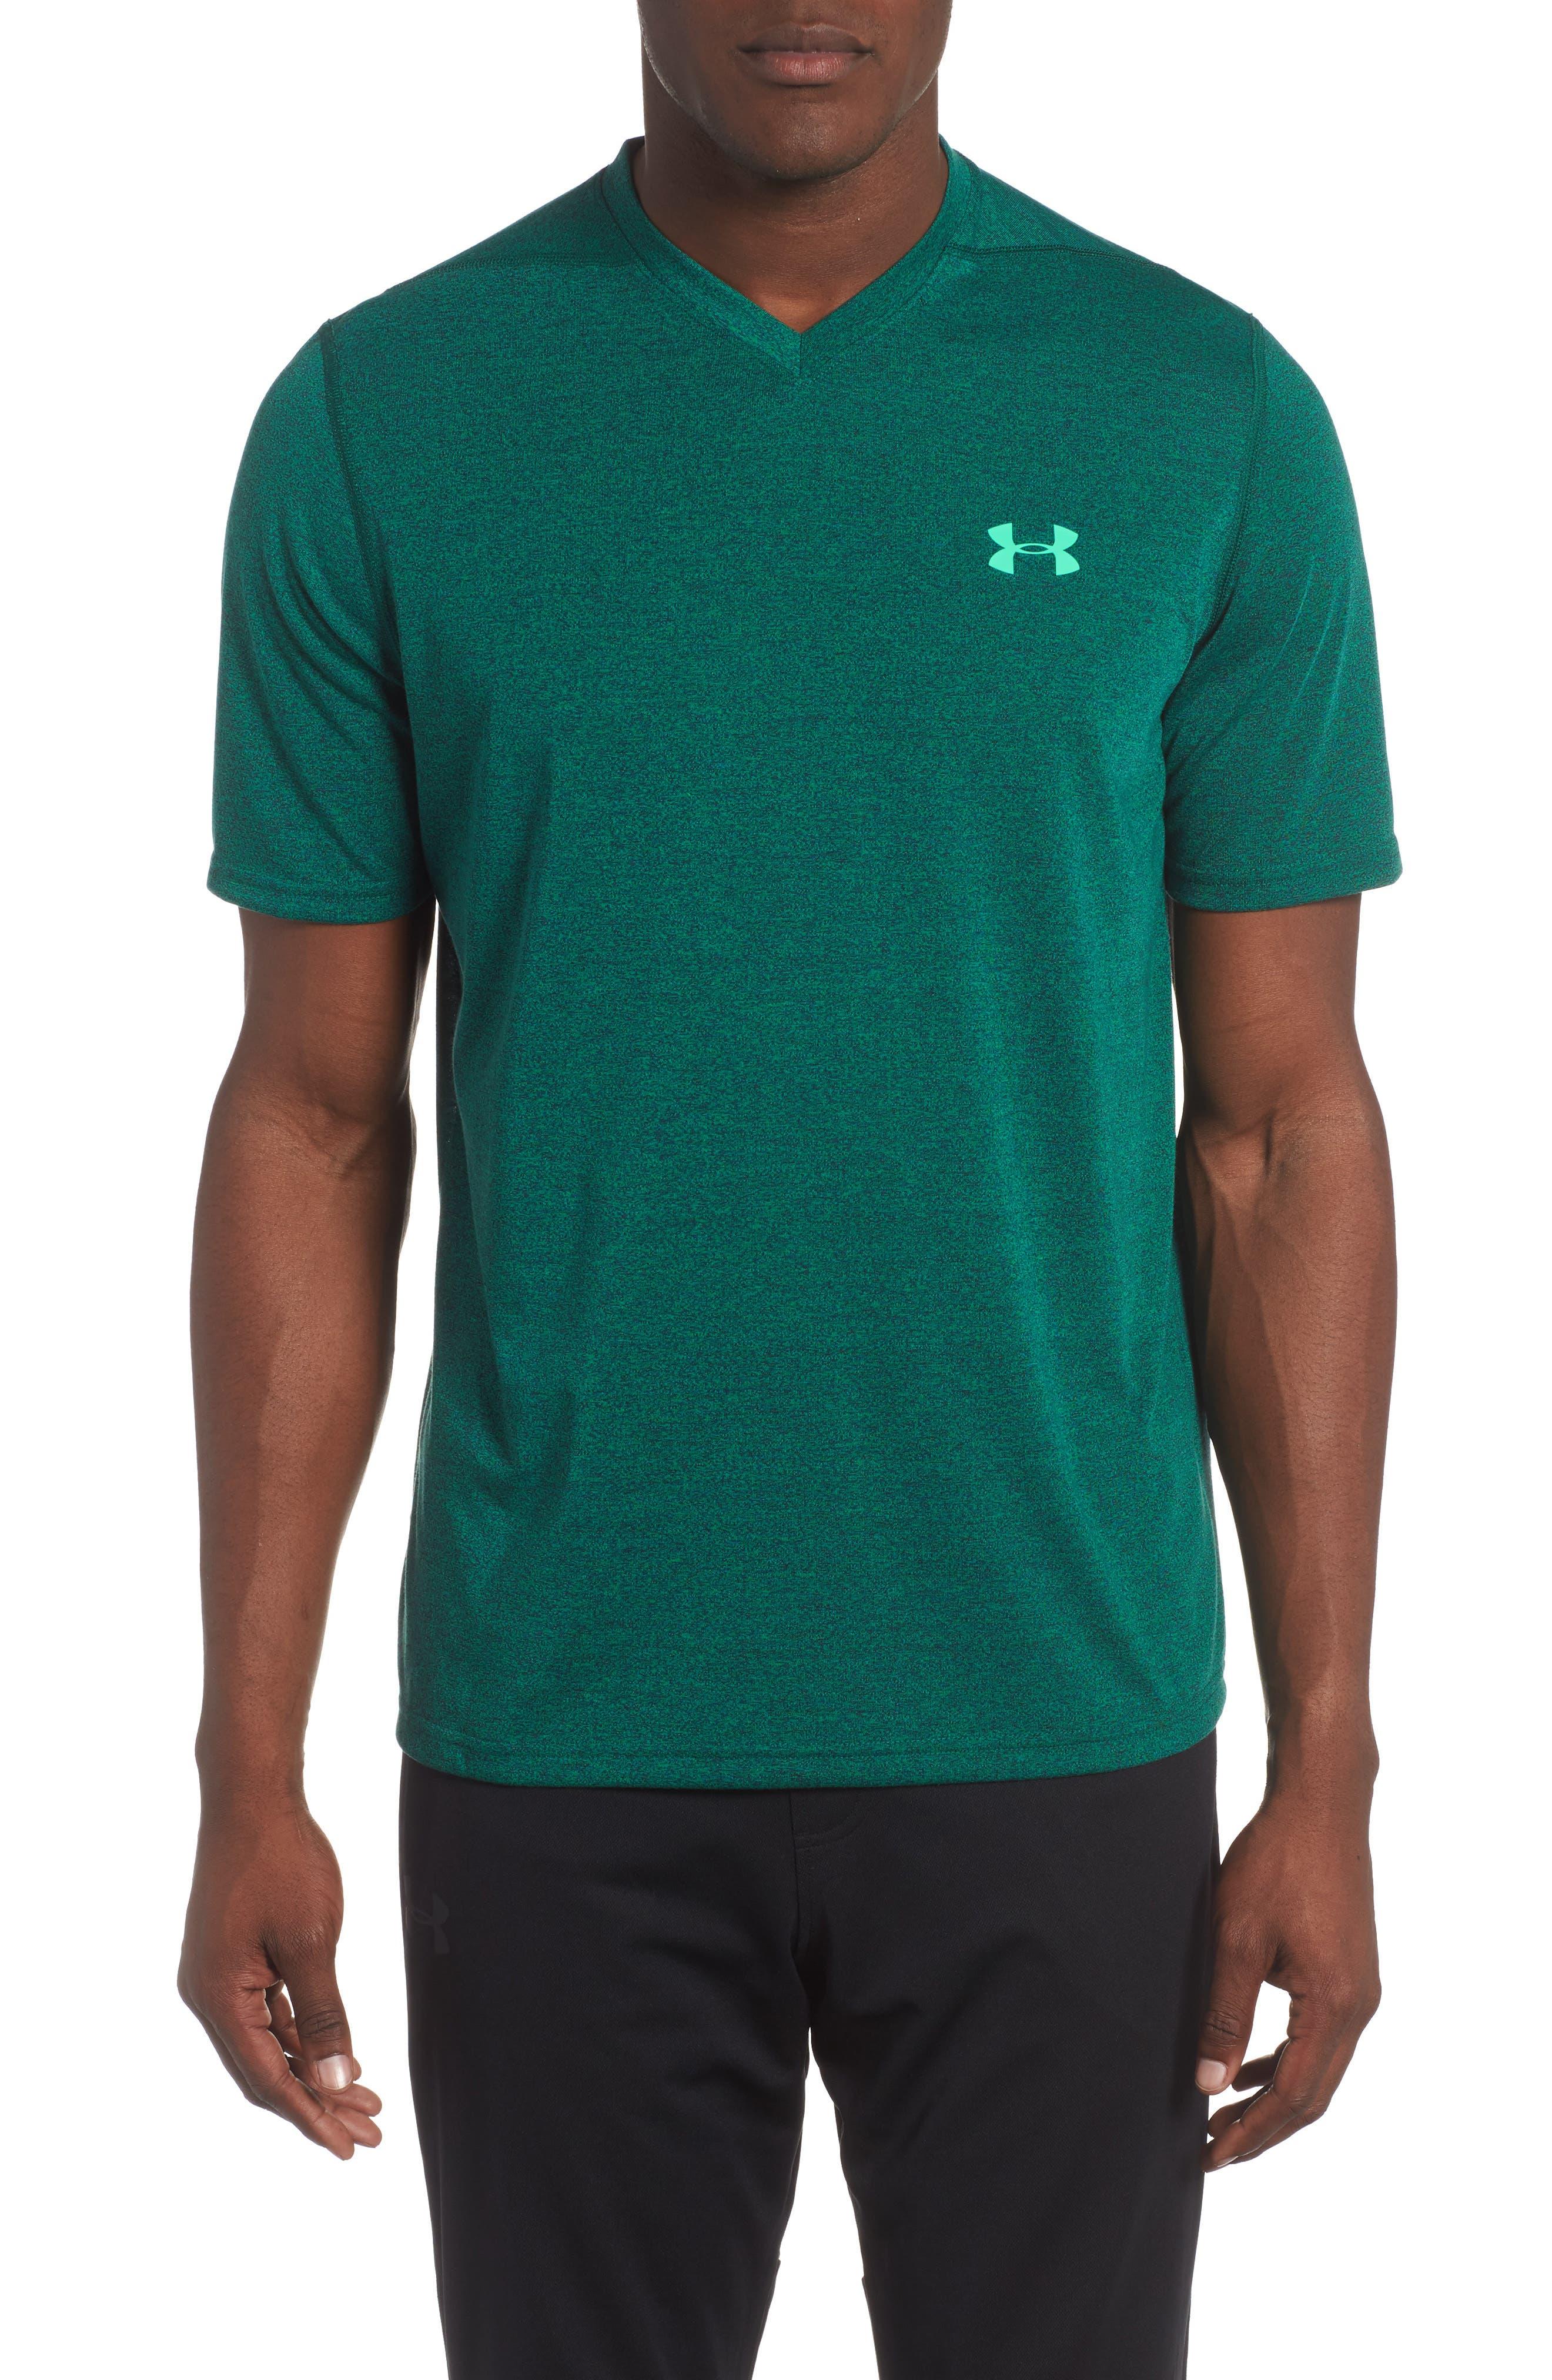 Threadborne Siro Regular Fit T-Shirt,                             Main thumbnail 1, color,                             Blue Marker/ Vapor Green